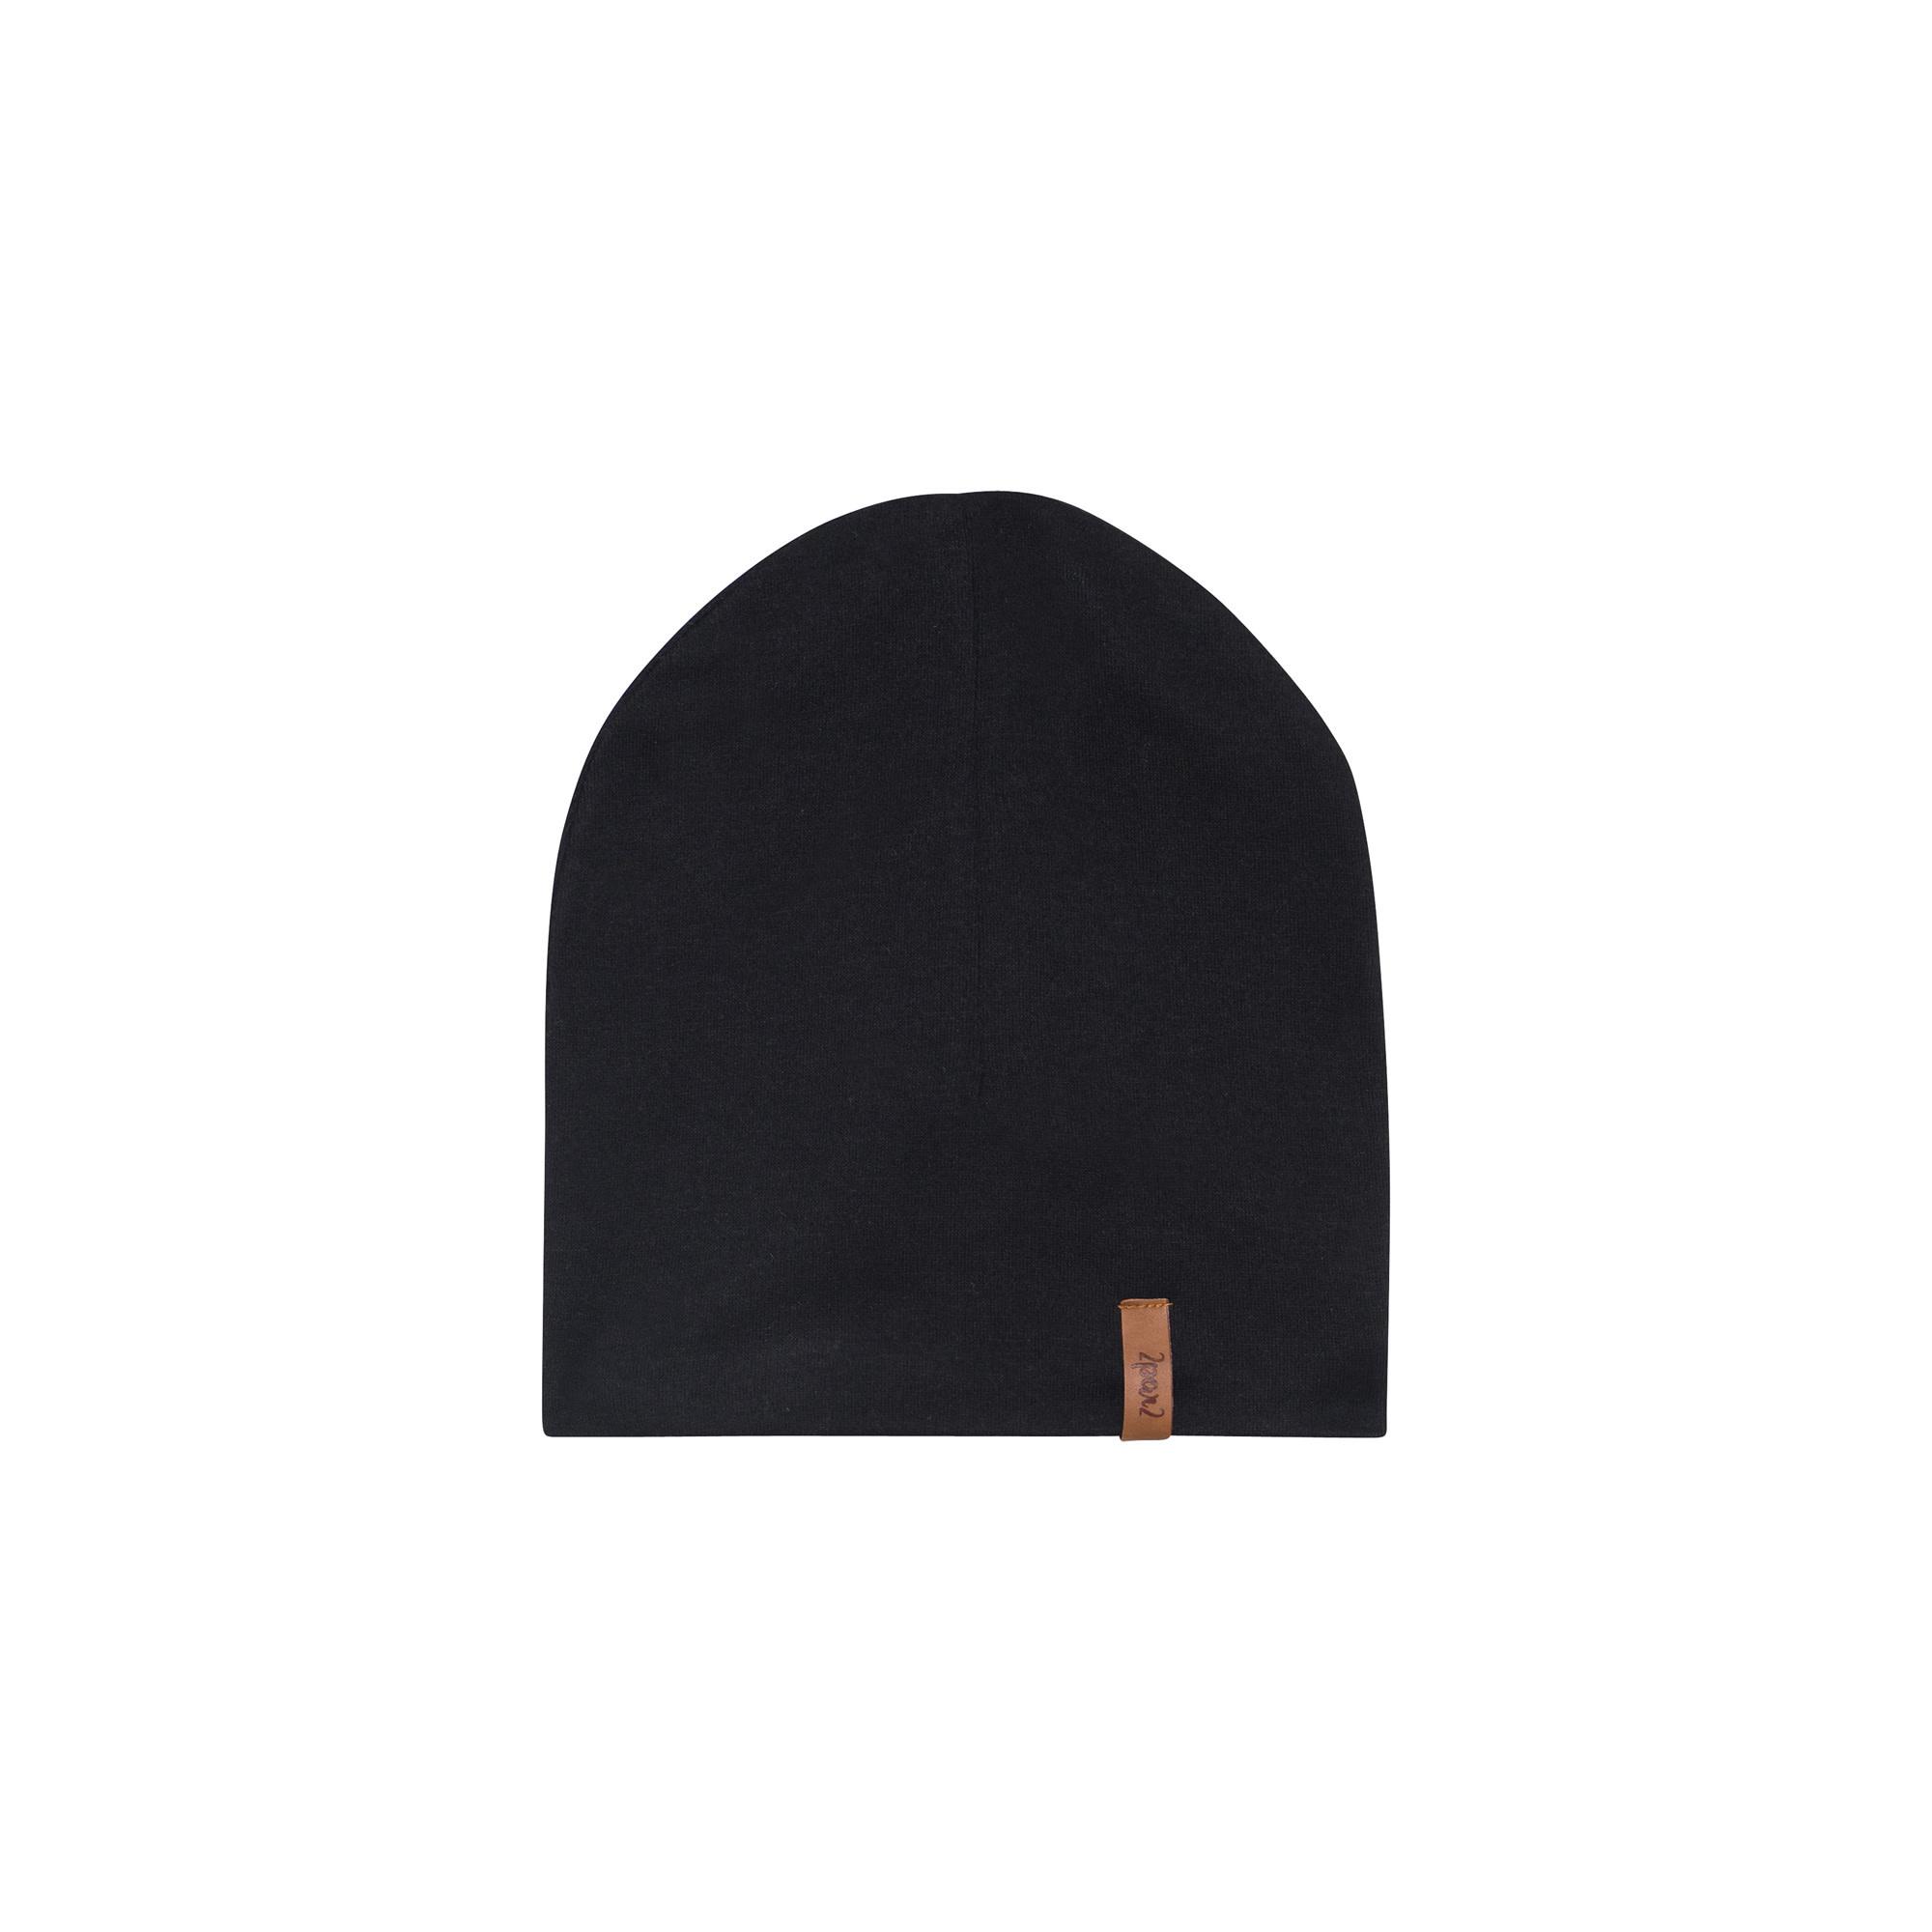 Bonnet Noir-2